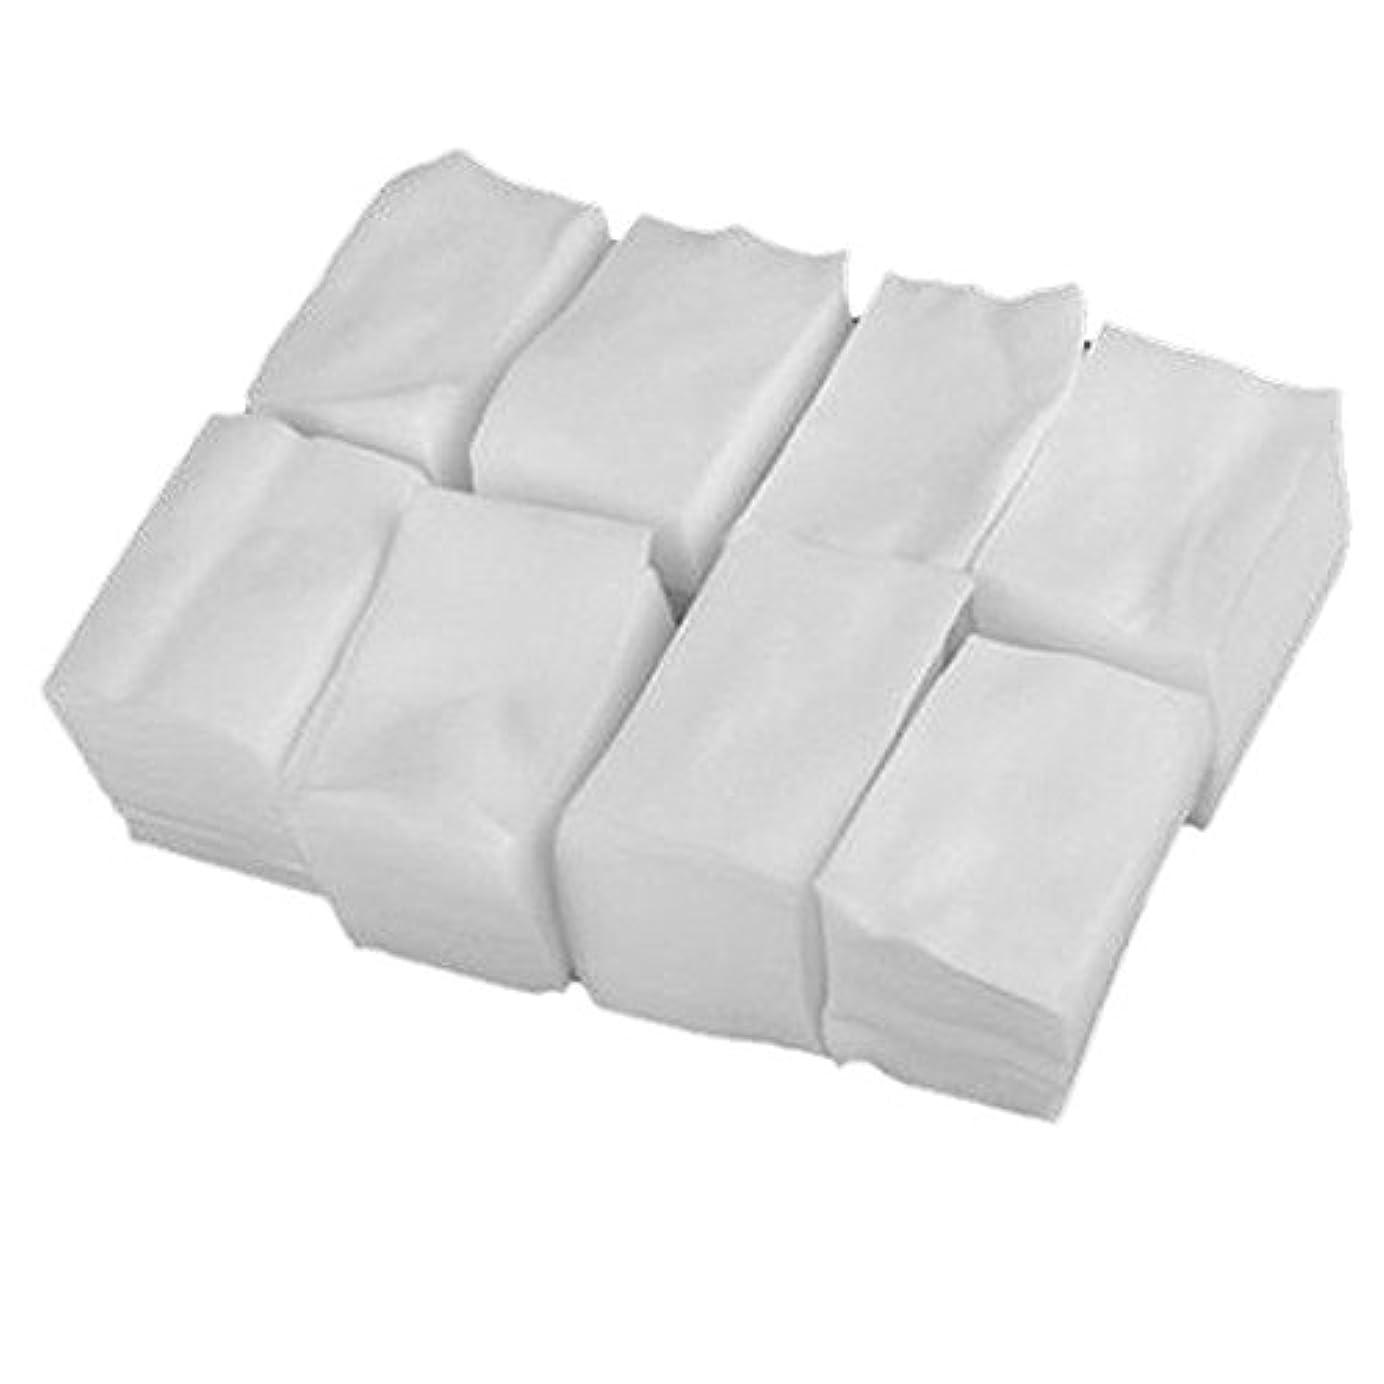 ピット自治起きてVi.yo ネイル ジェル ワイプ 天然素材 不織布 コットン ジェルの拭き取り 油分除去 クリーニング 900枚以上